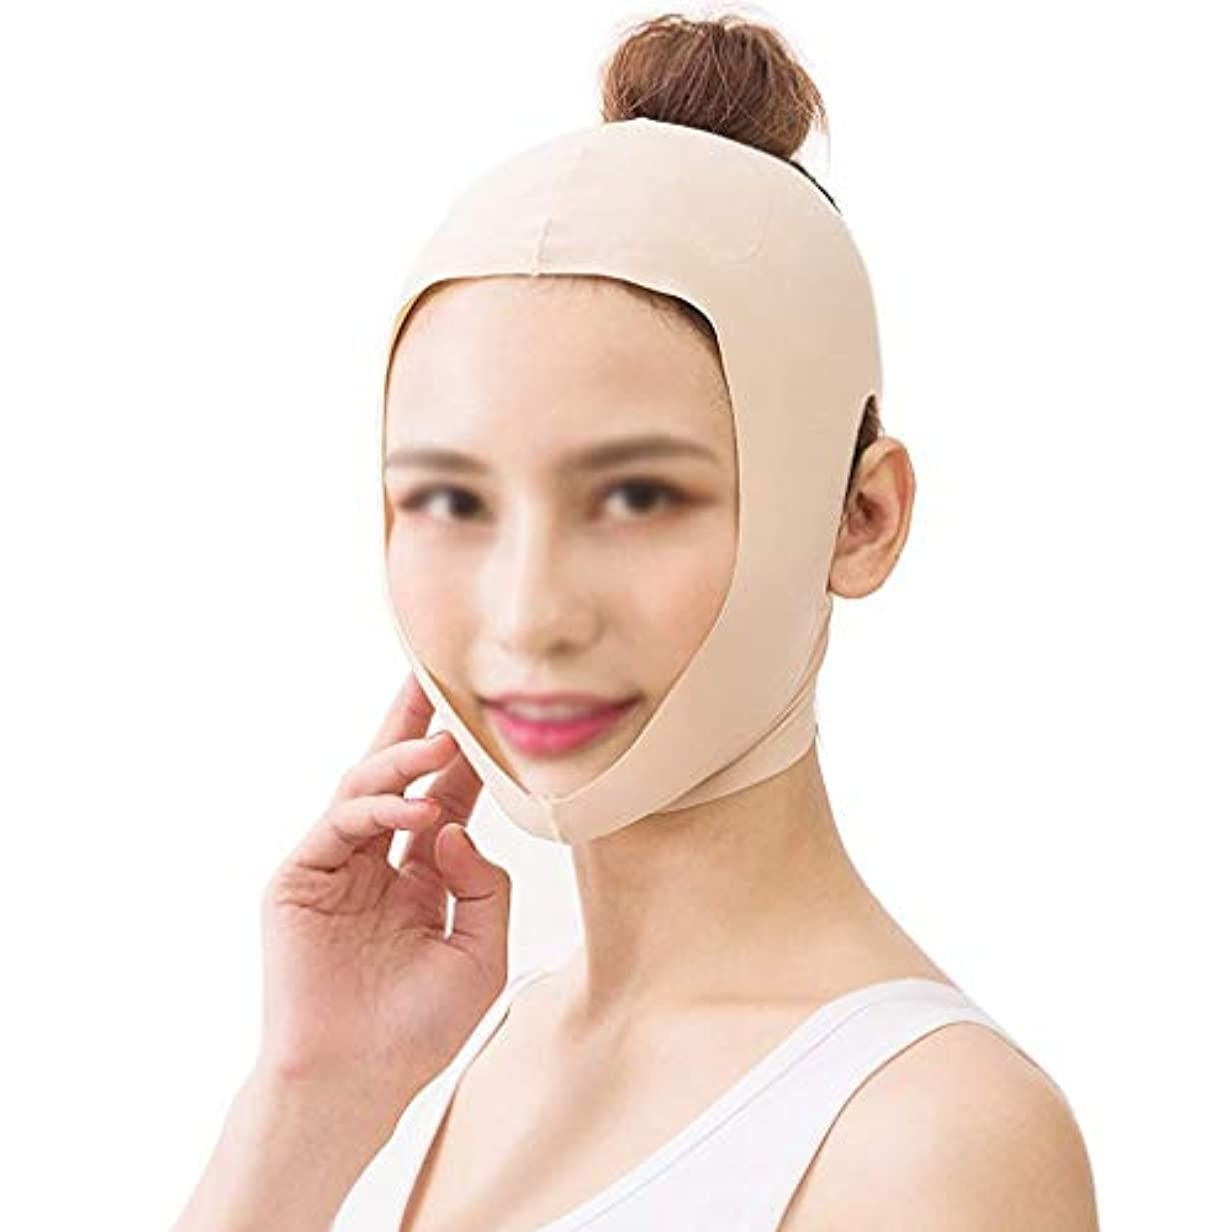 アサー検出する買い物に行くフェイスリフト用フェイシャル引き締め包帯、フェイシャルリフティングツール、二重あごを減らすためのリフティング包帯